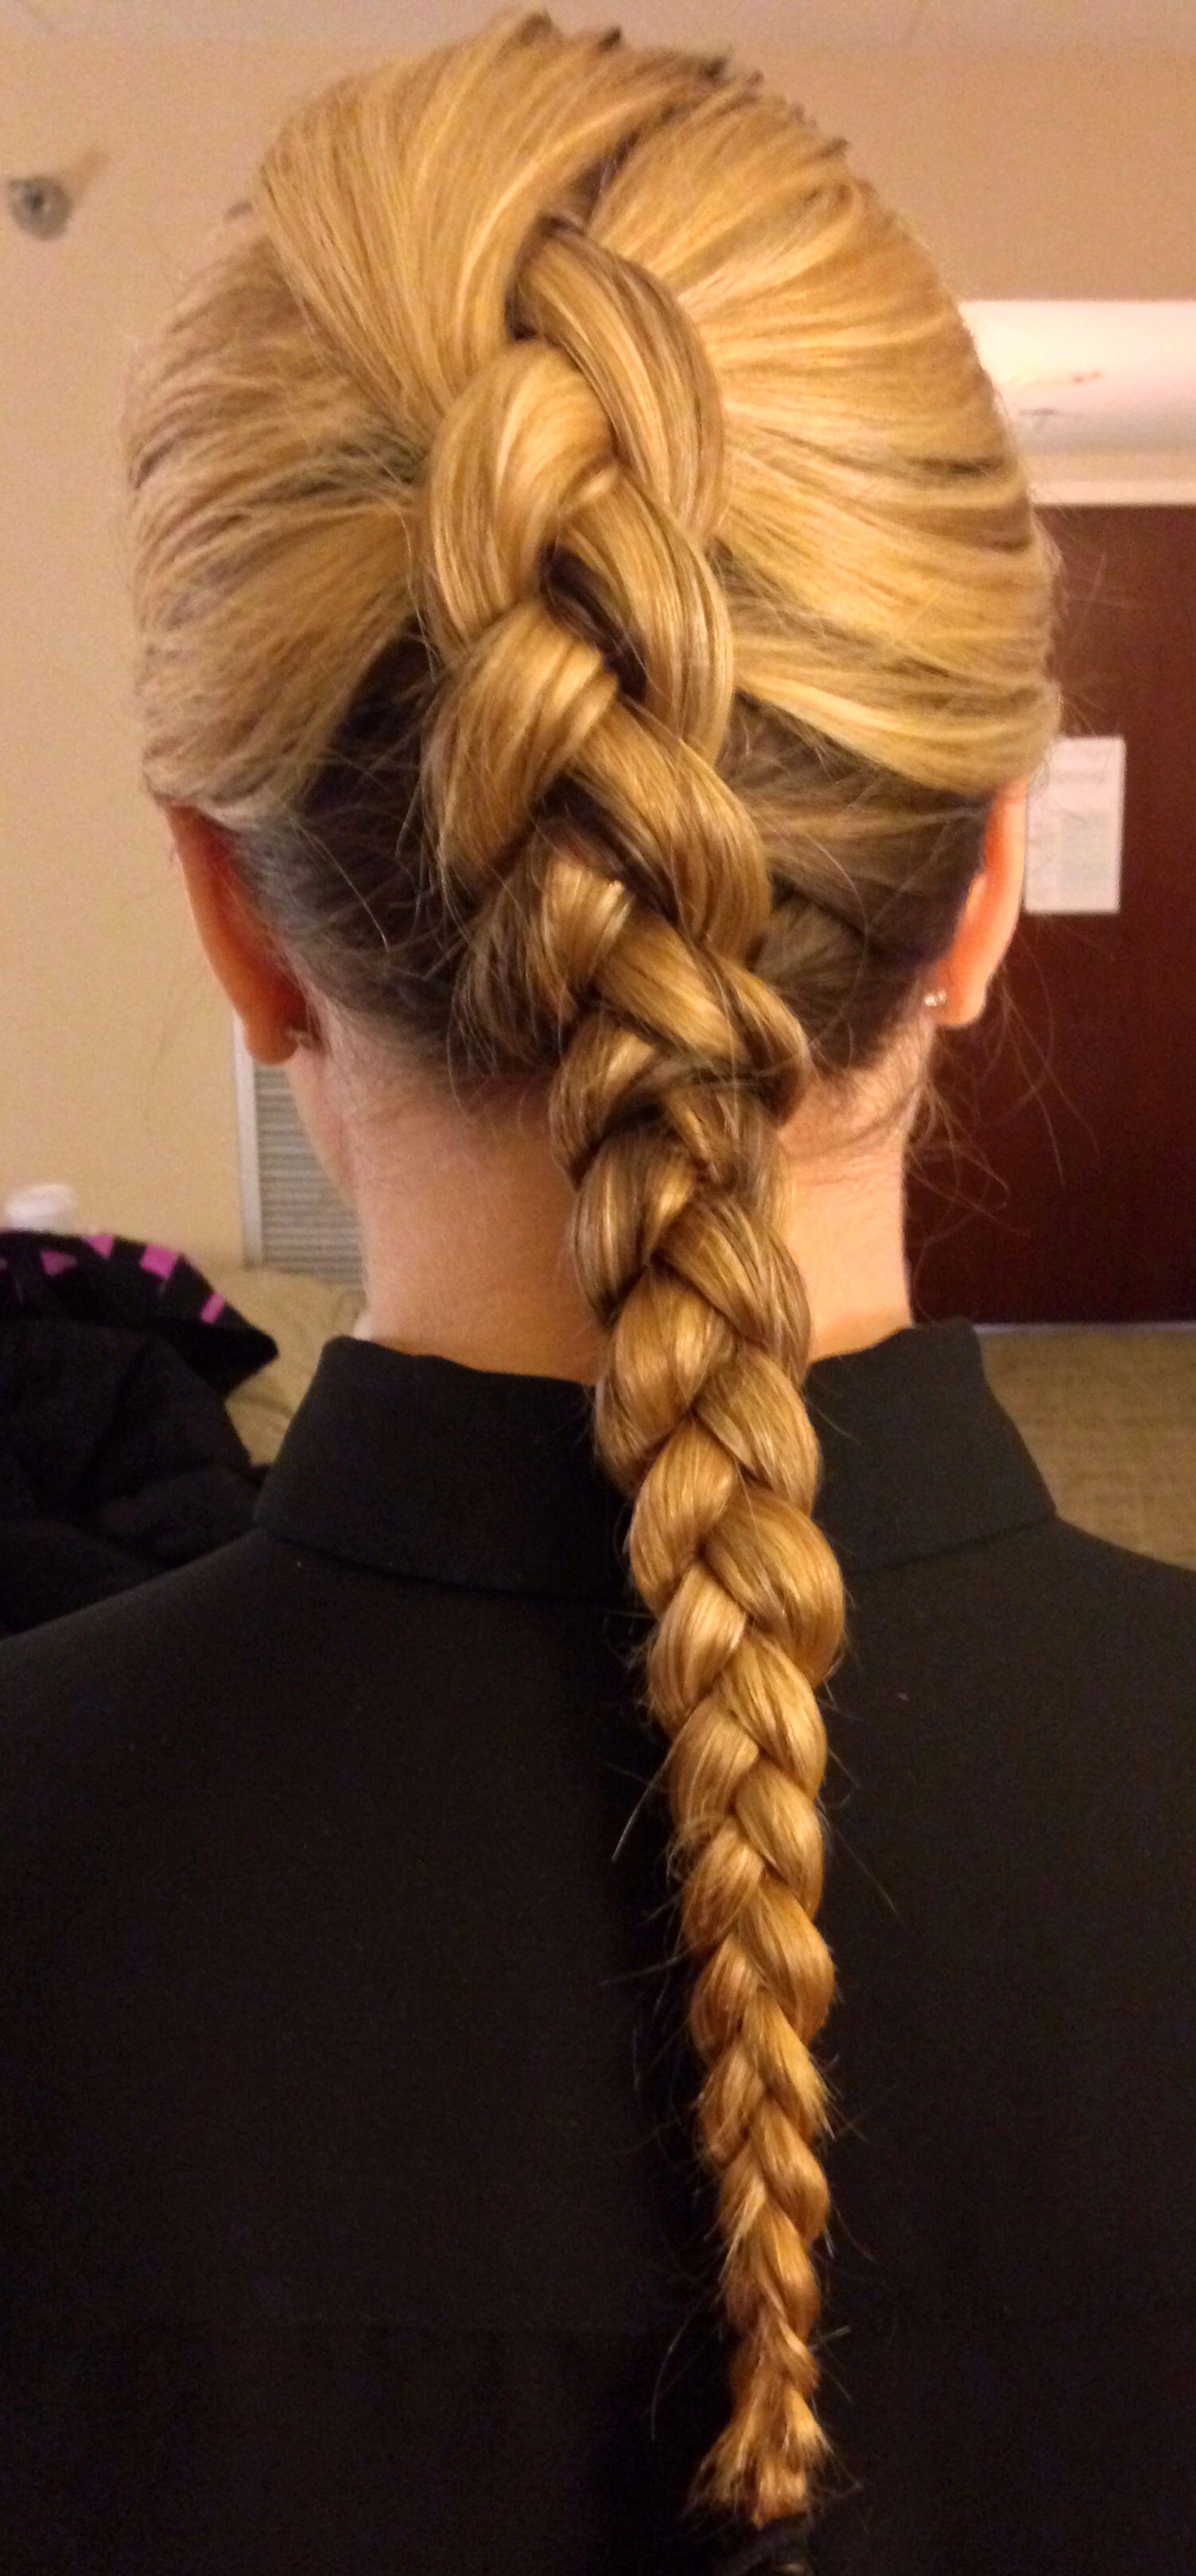 my hair for flight attendant training! | moda | pinterest | flight